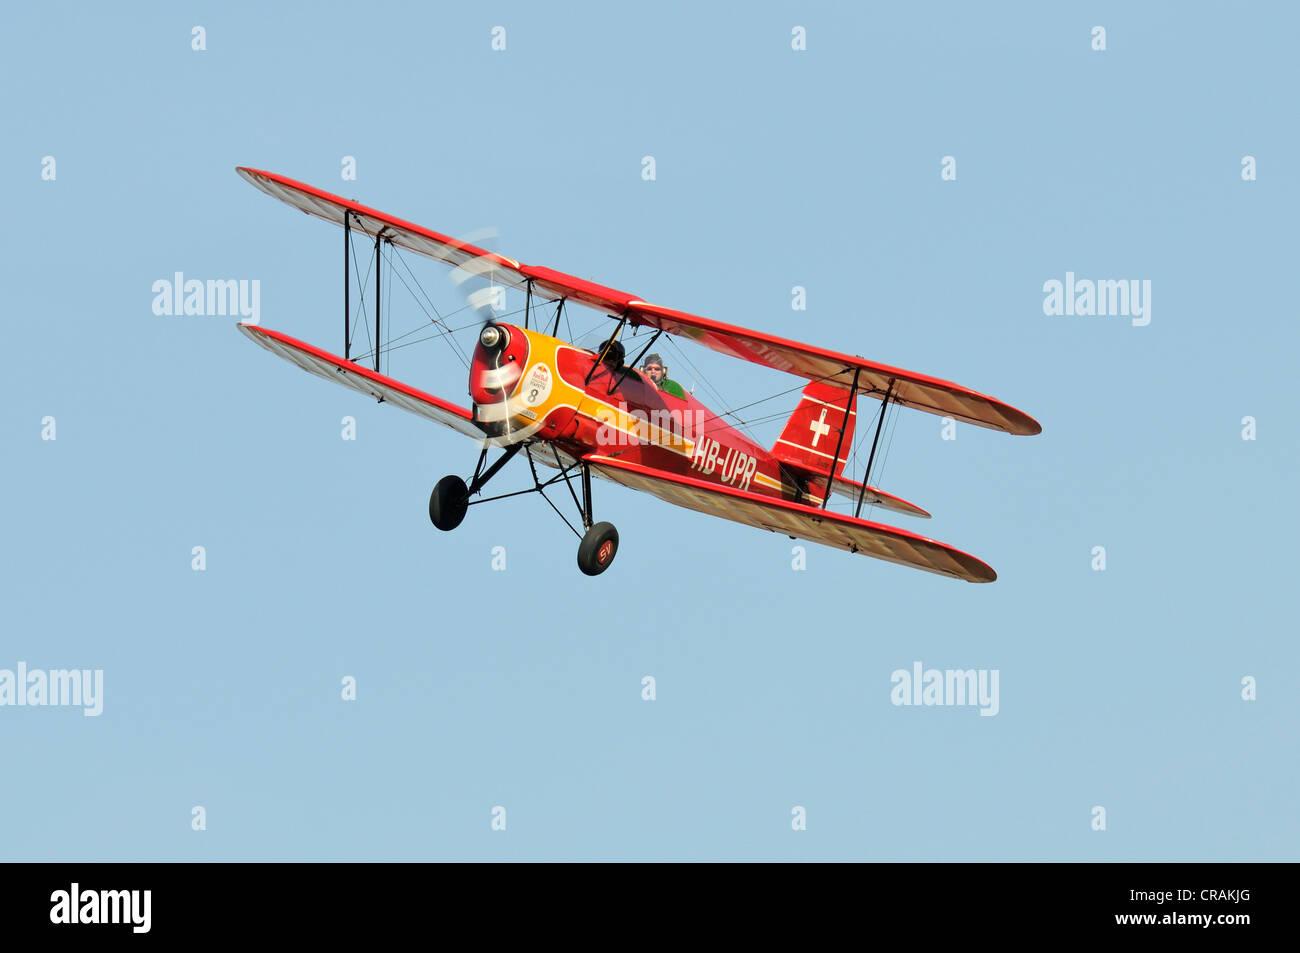 Stampe belga SV4un biplano, primo volo nel 1938, in Europa la più grande riunione di aeromobili d'epoca Immagini Stock